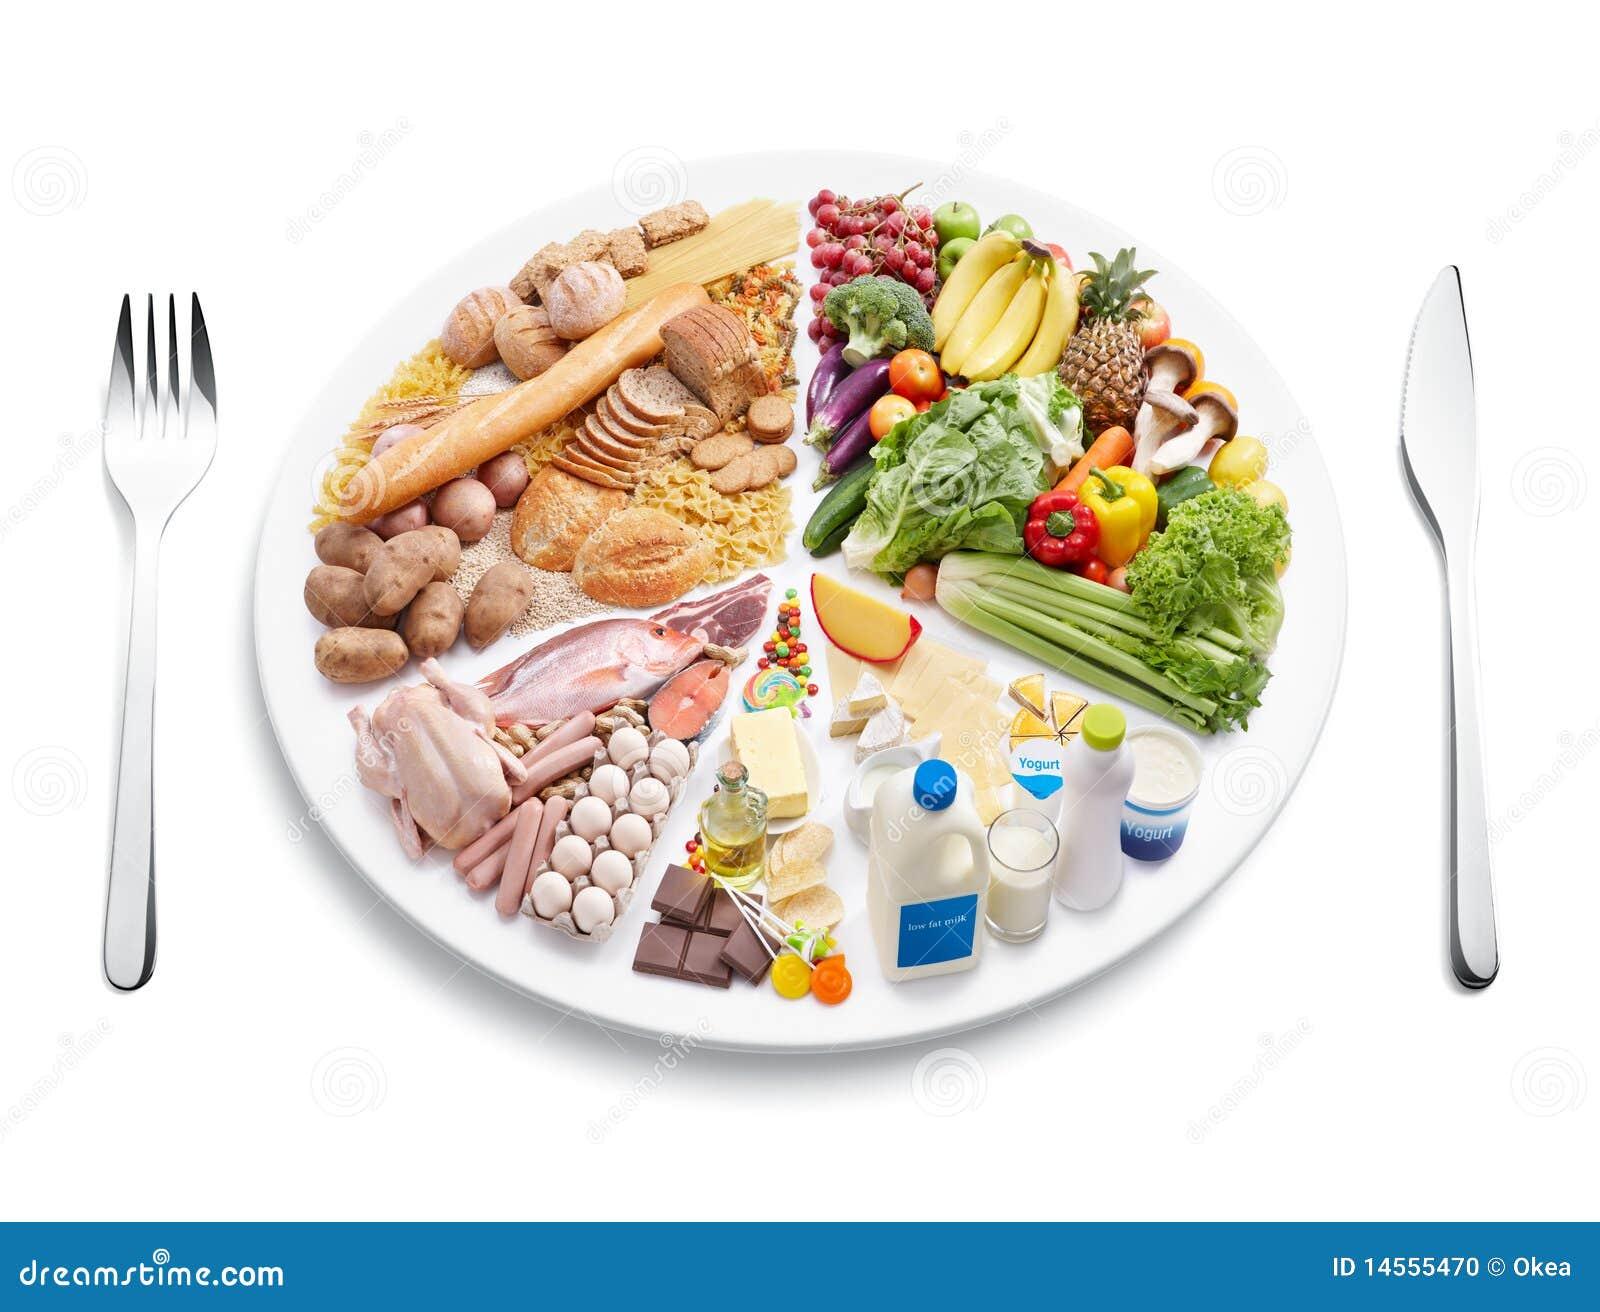 Вкусные низкокалорийные диетические печенья: рецепты